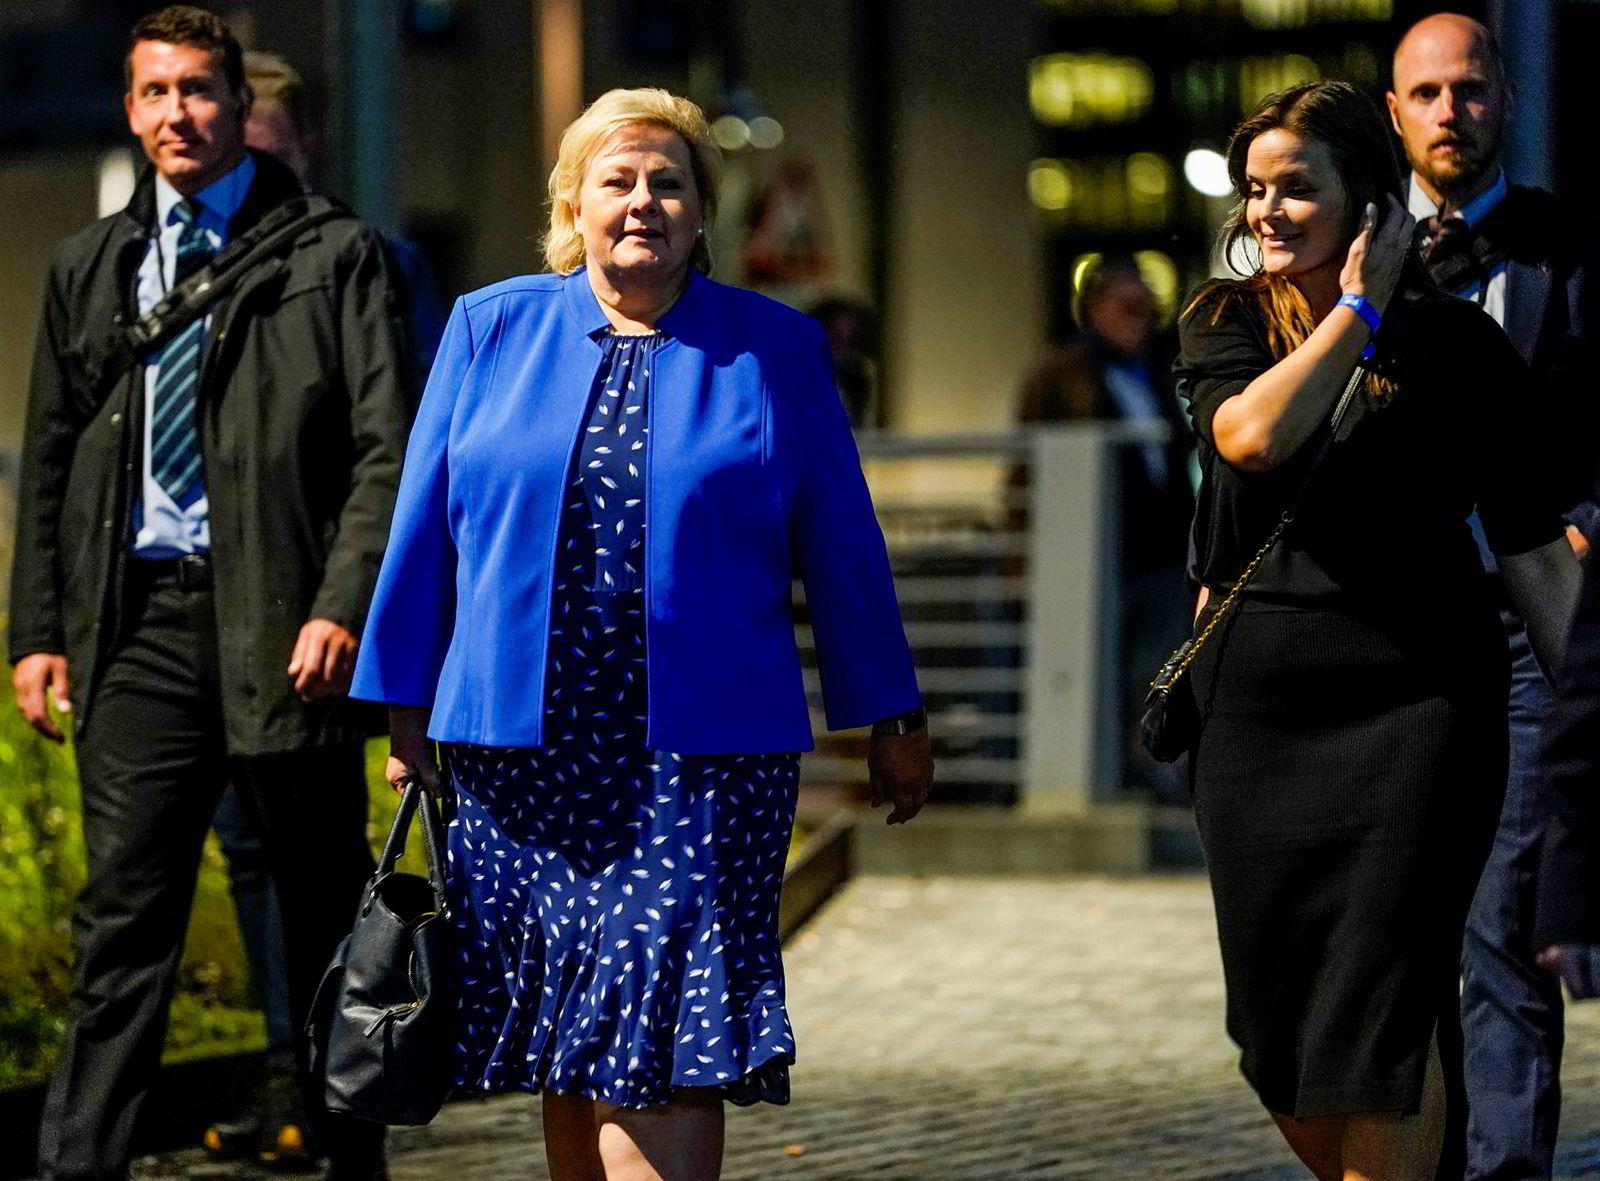 Statsminister Erna Solberg ankom valgvaken til Høyre på Clarion Hotel Oslo ved 20.30-tiden mandag kveld.